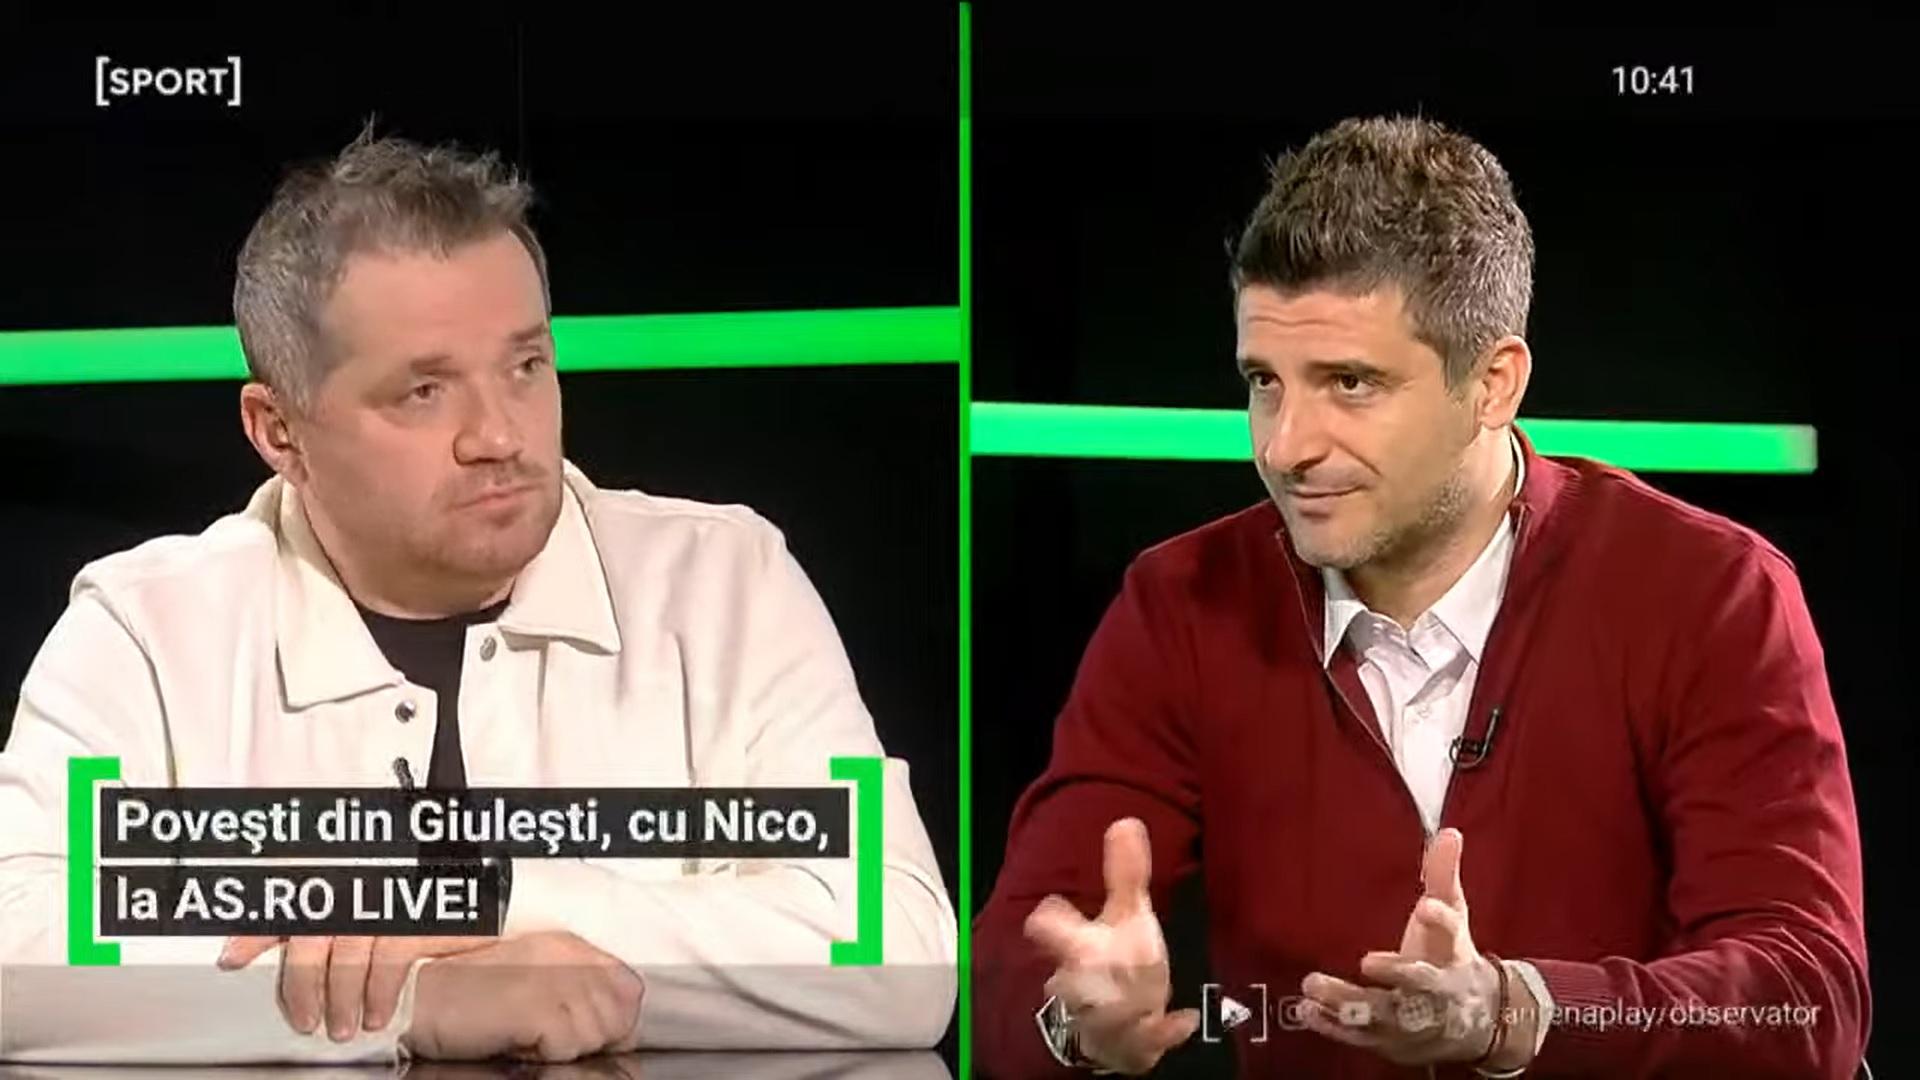 Daniel Niculae